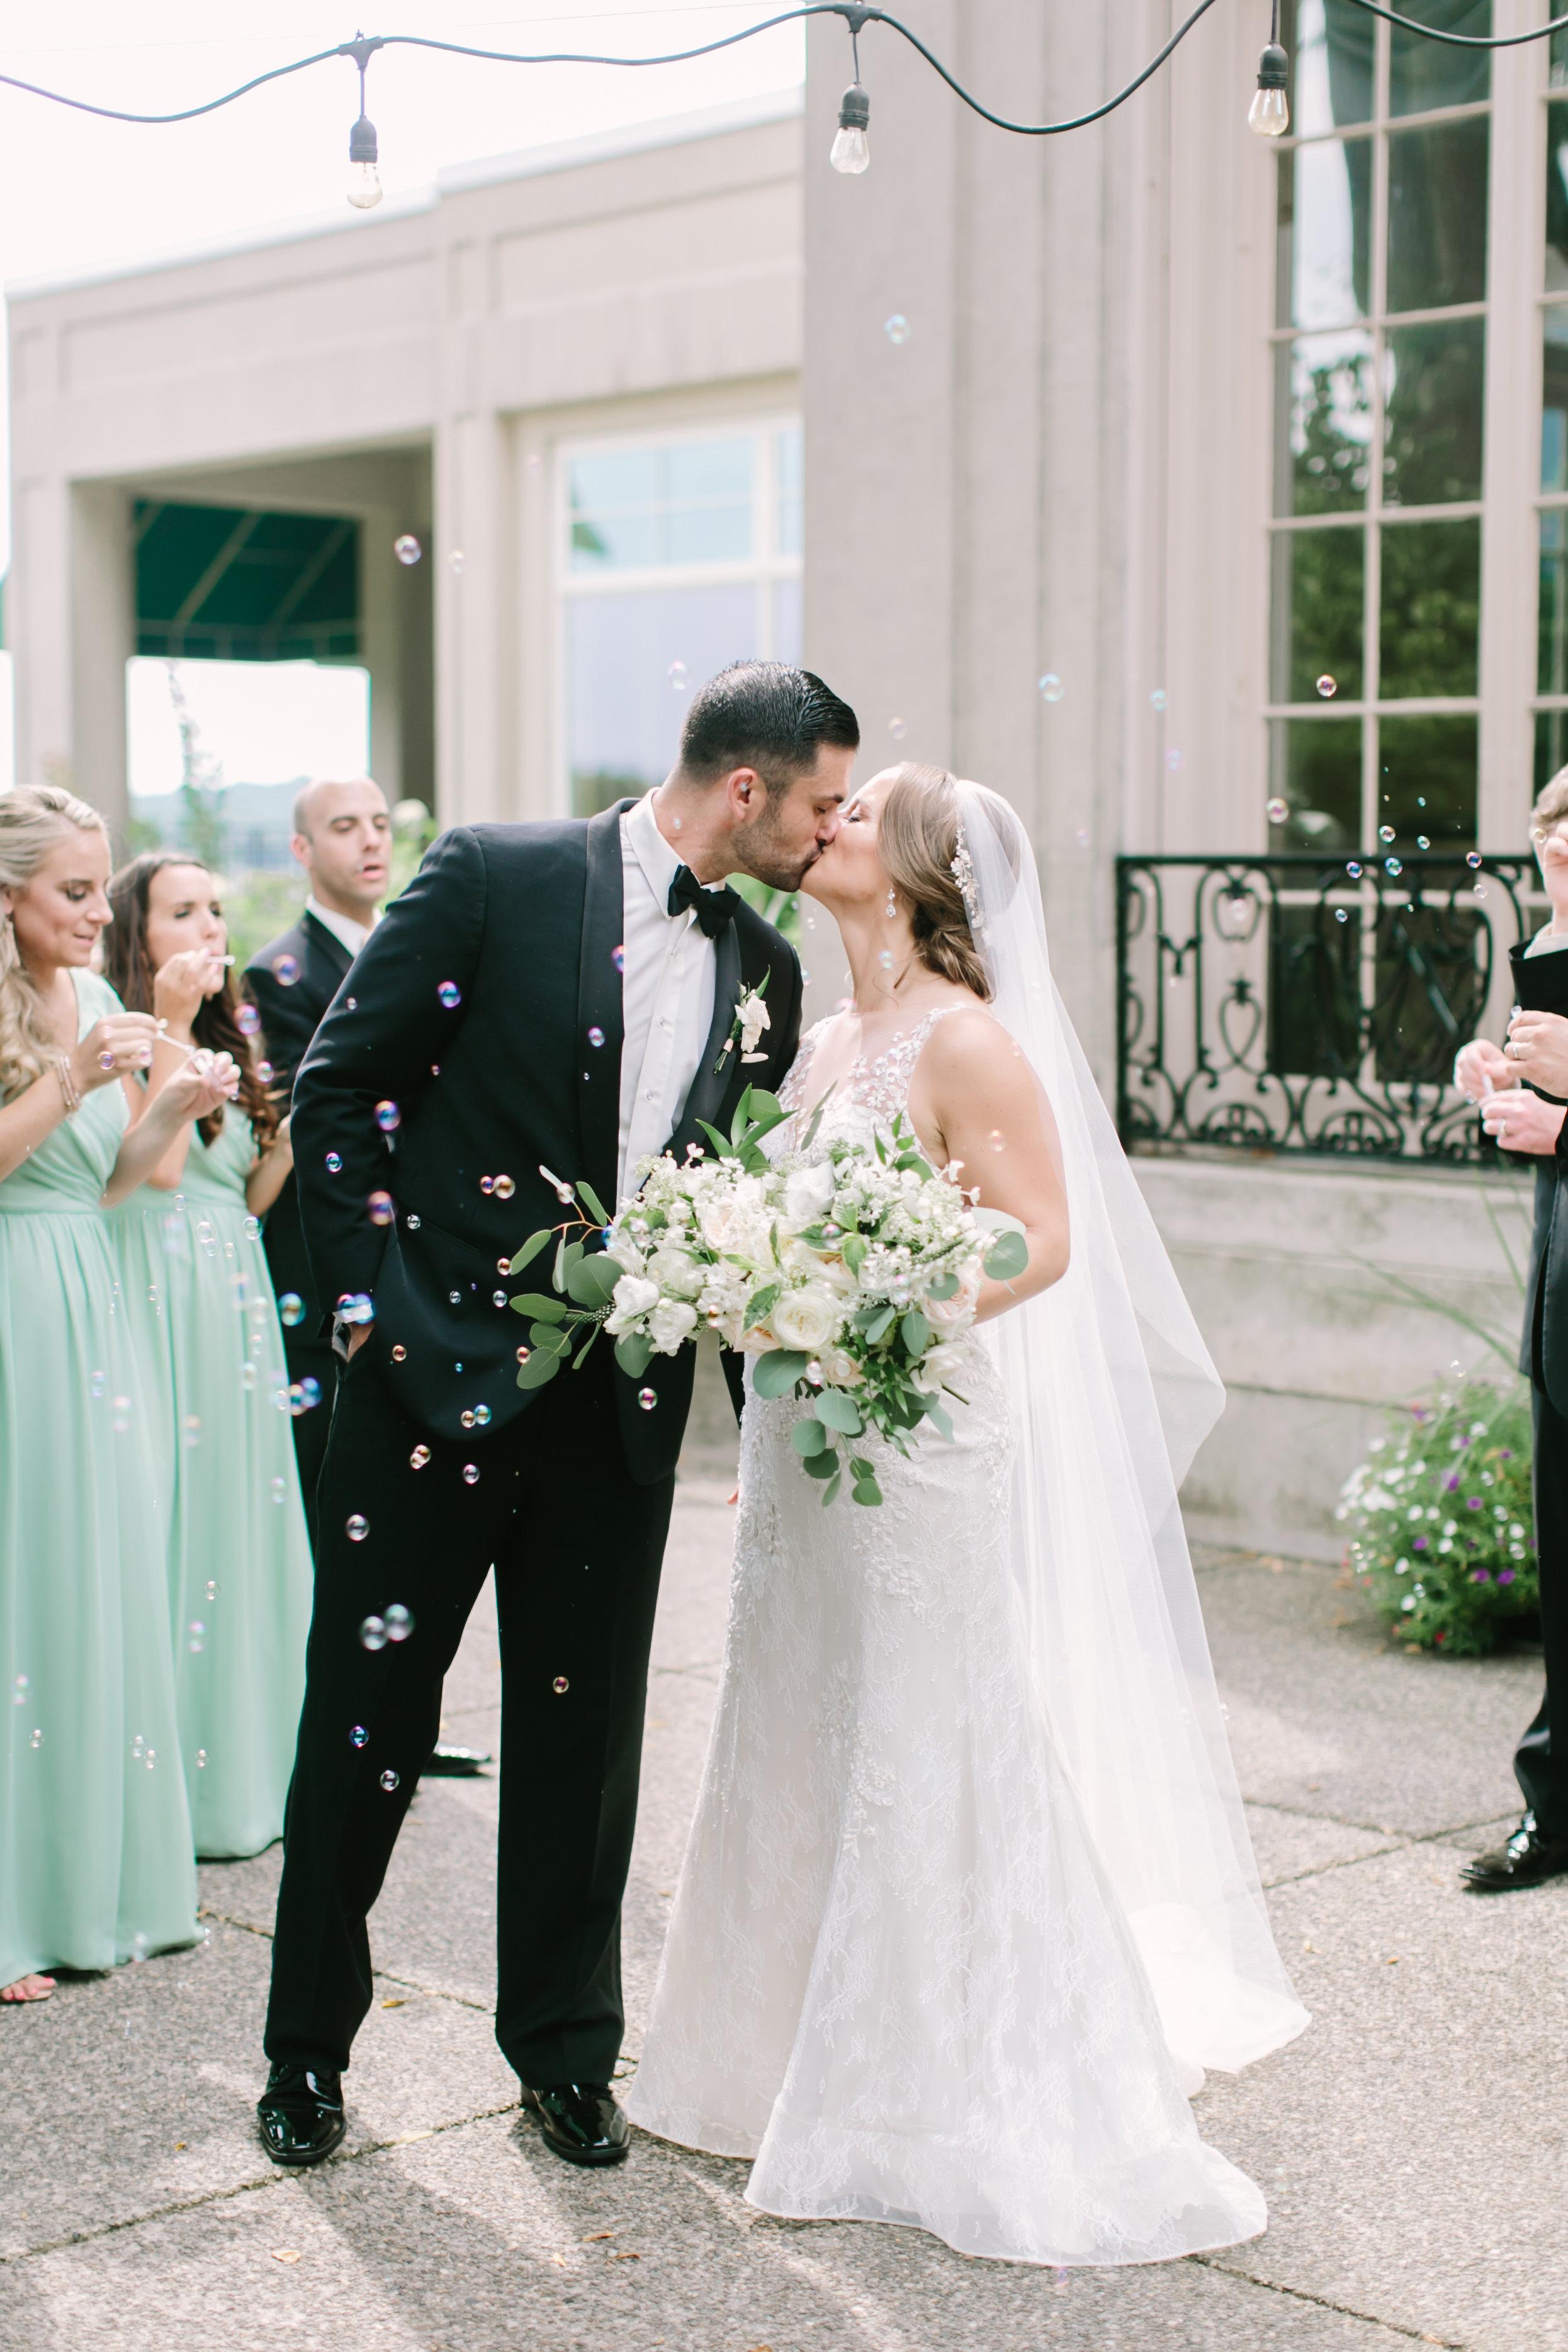 Love&LightPhotographs_Jennifer&Mark_Wedding_Preview-23.jpg